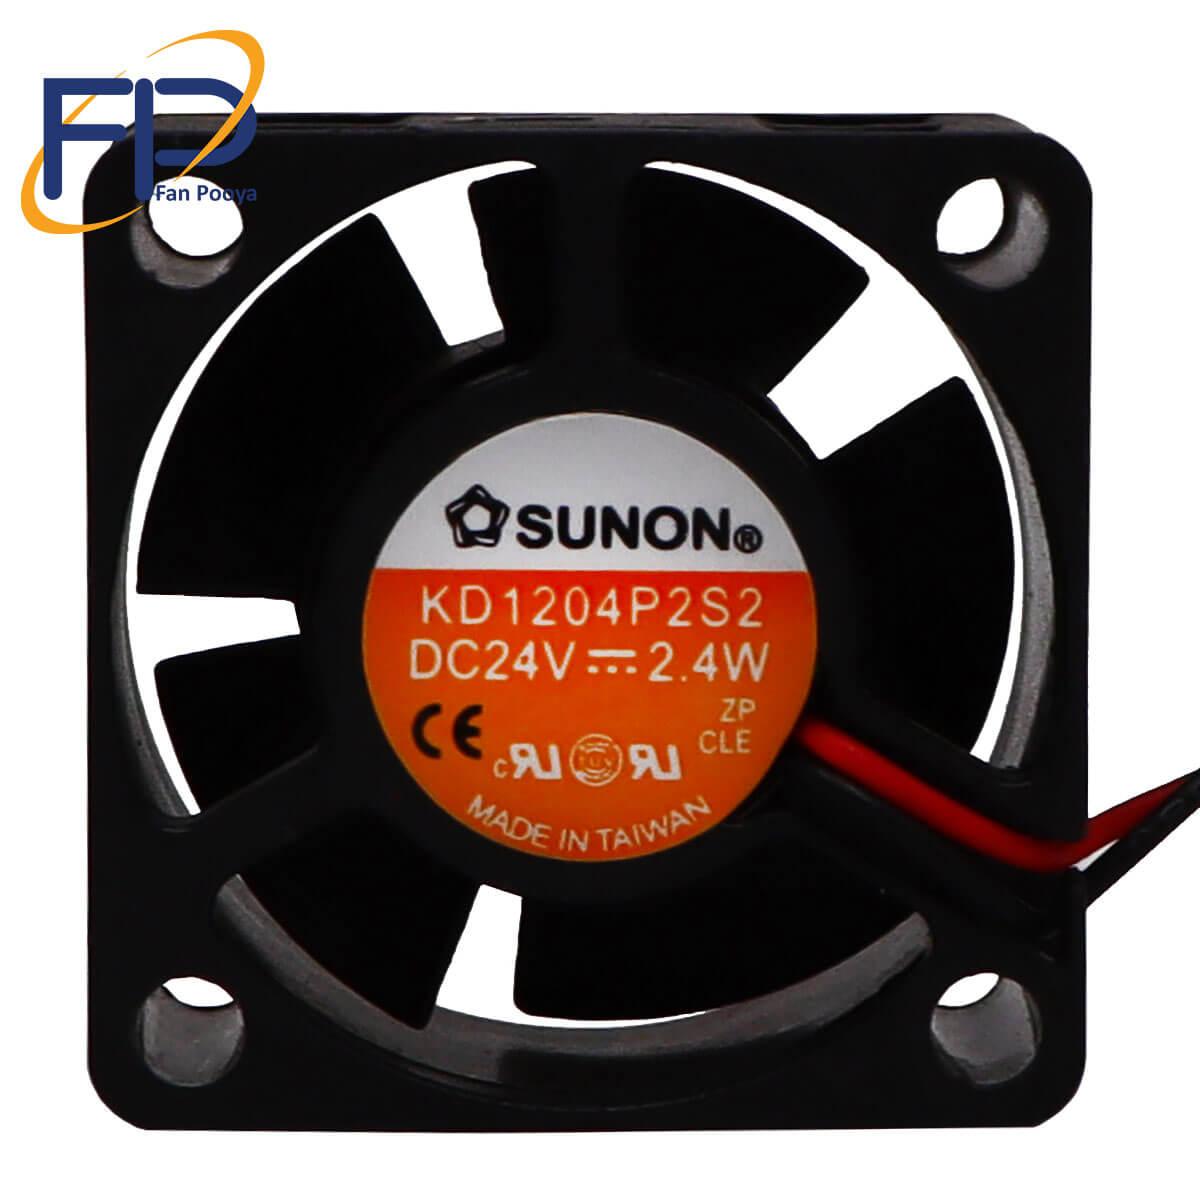 فن کامپیوتری 4*4 SUNON مدلKD1204P2S2